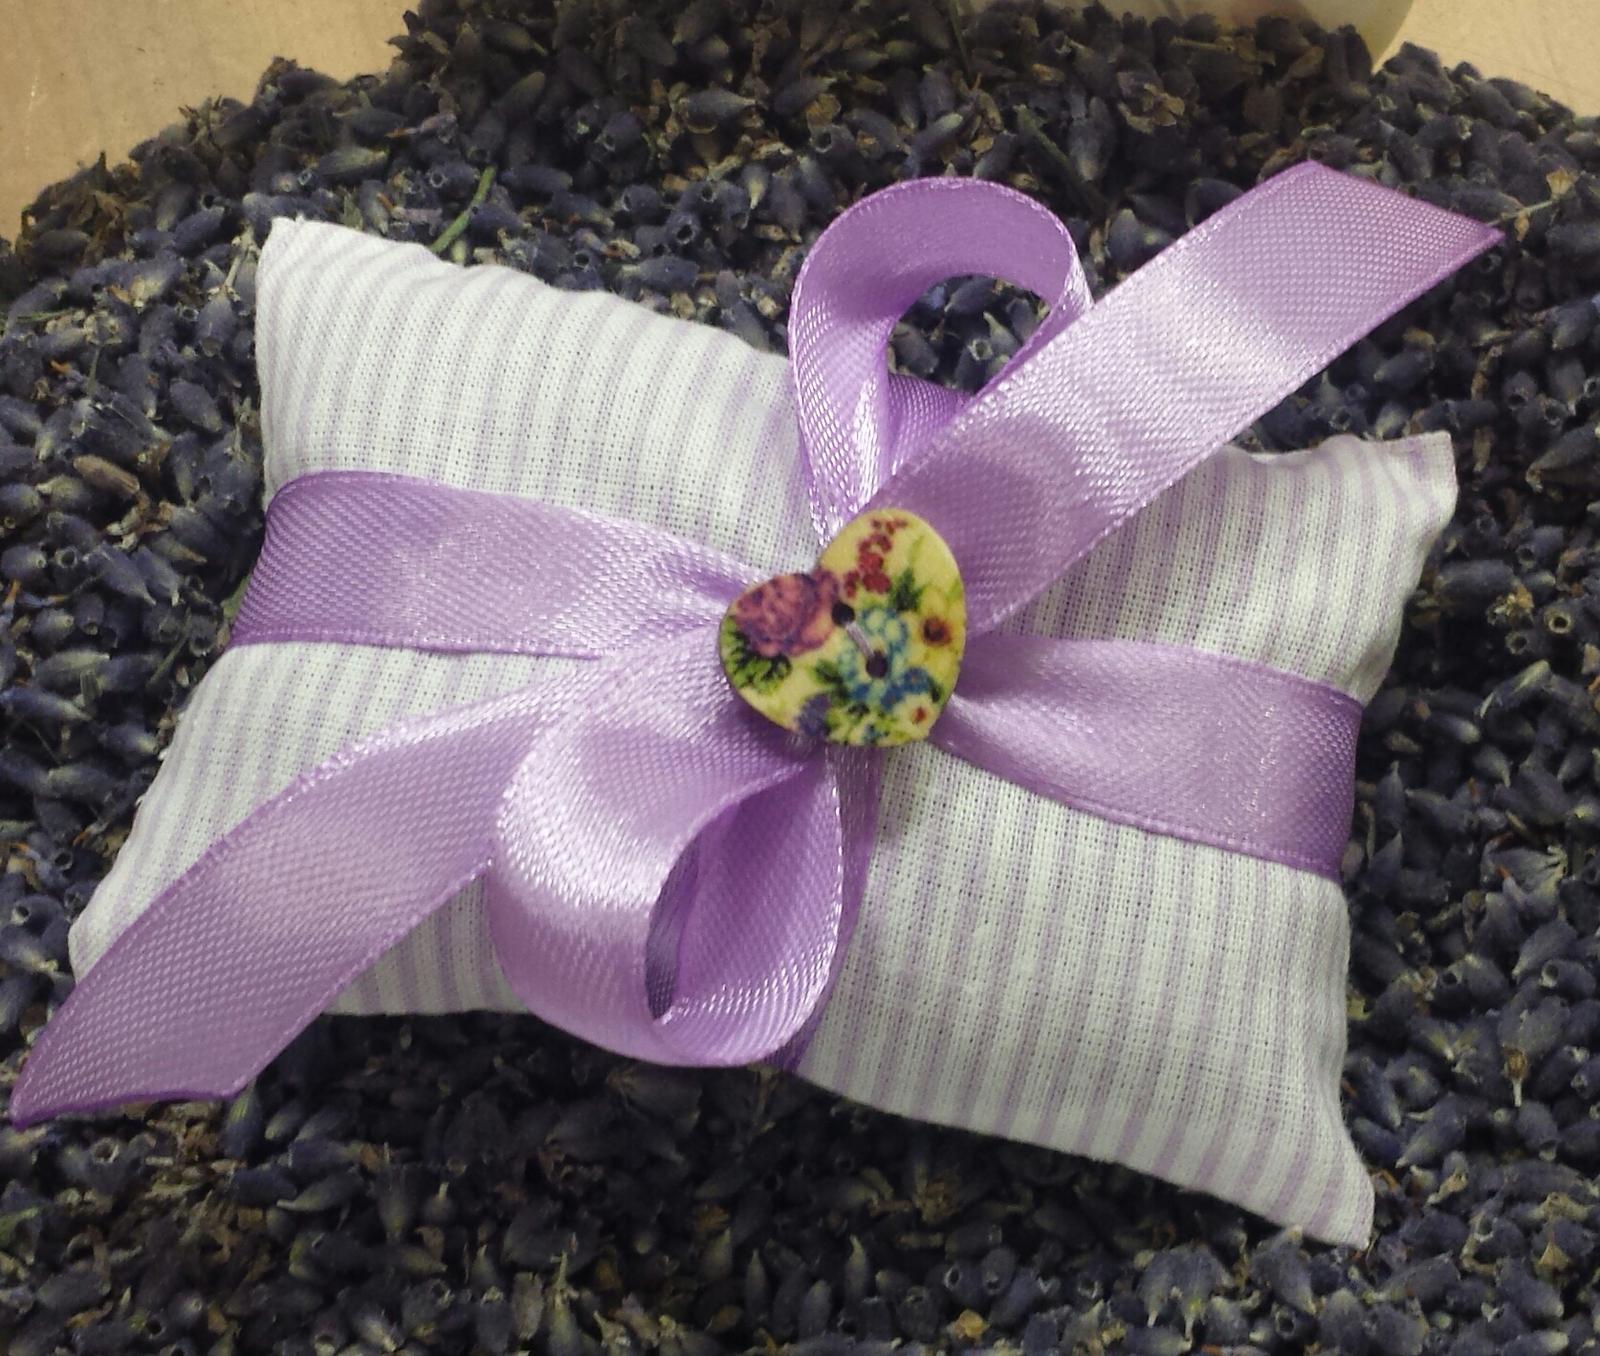 Polštářky pod prstýnky - Malinky na prani s levanduli...dostupne jen do vycerpani zasob letosni levandule.